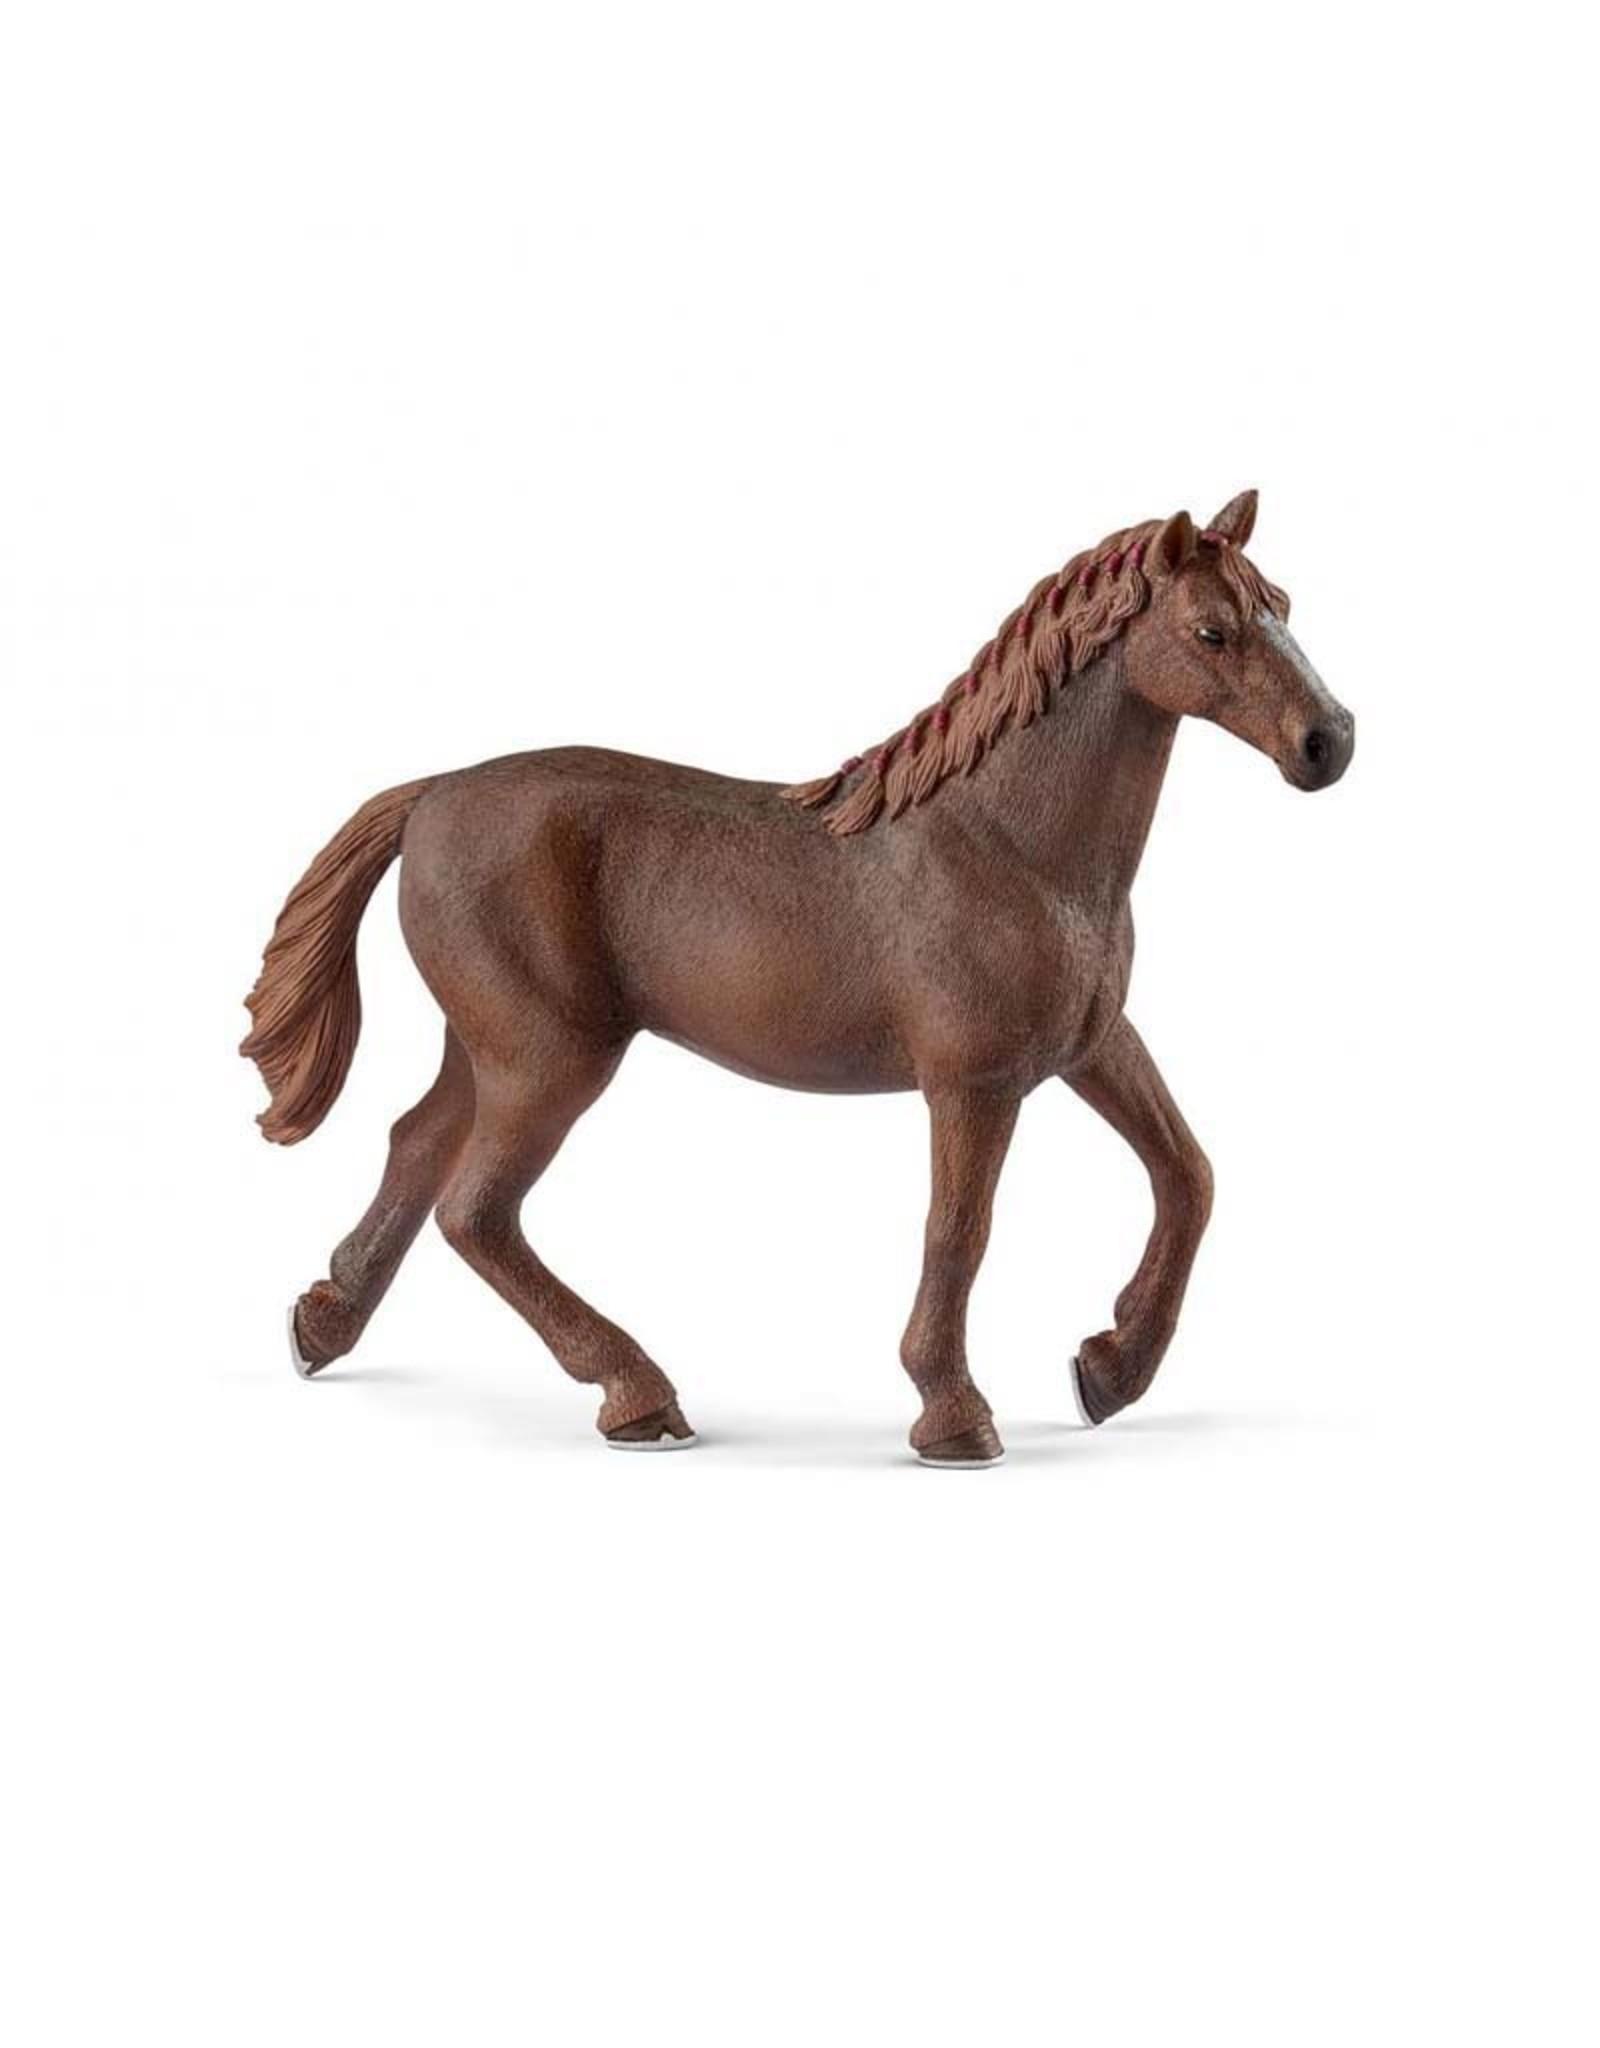 Schleich Schleich English thoroughbred mare